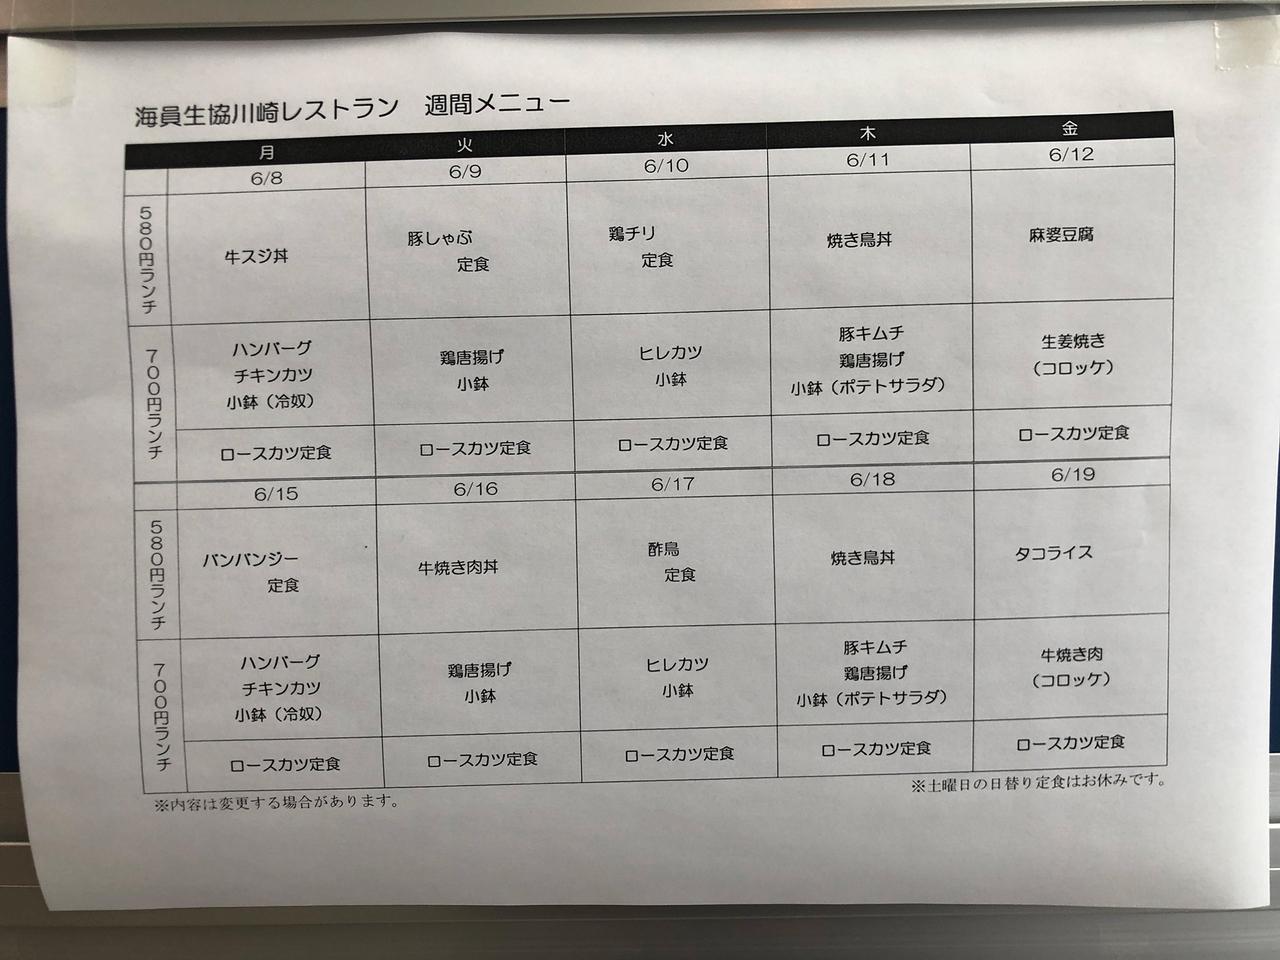 海員生協東扇島レストラン2020年6月のメニュー